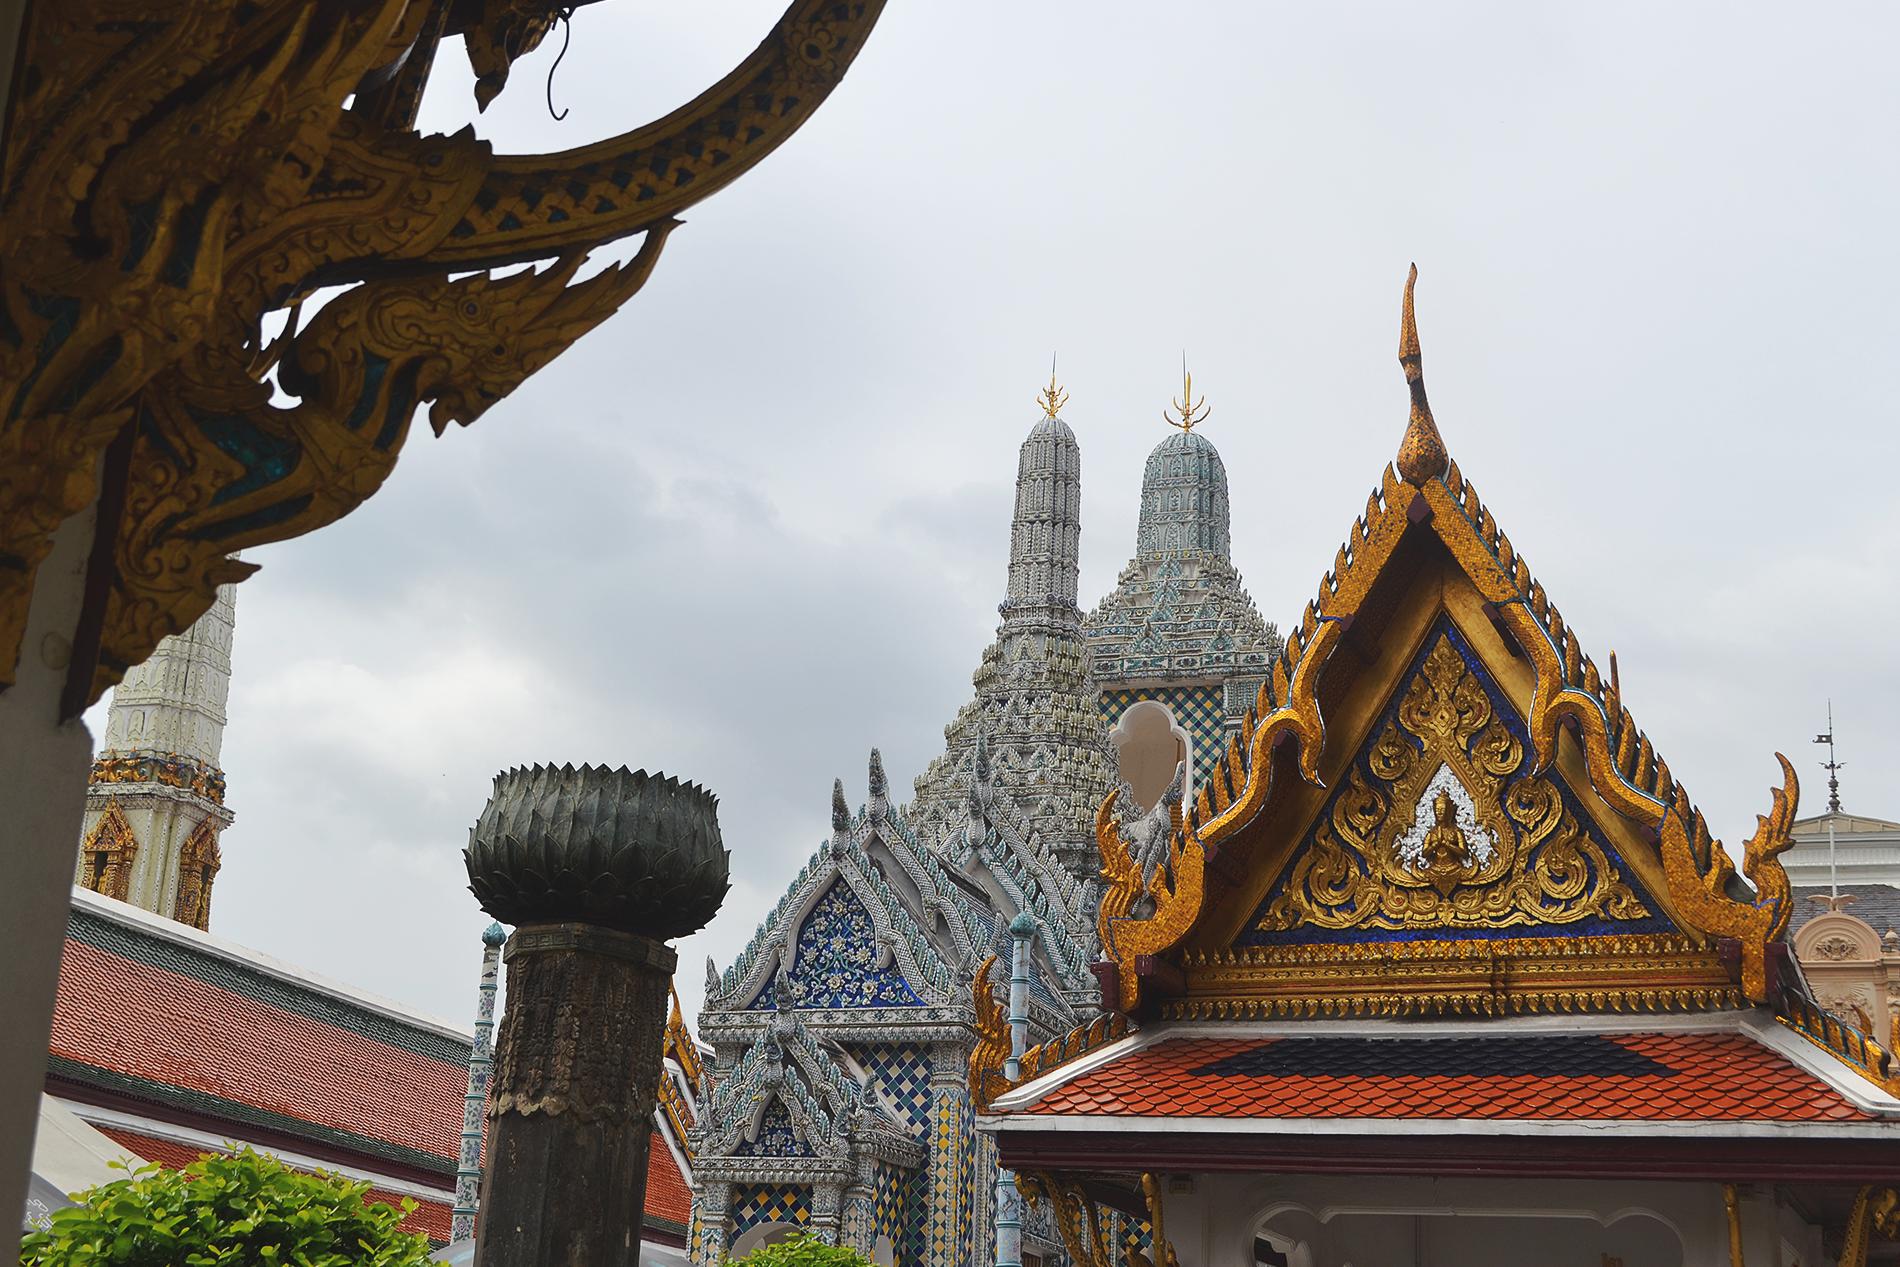 'Grand Palace'